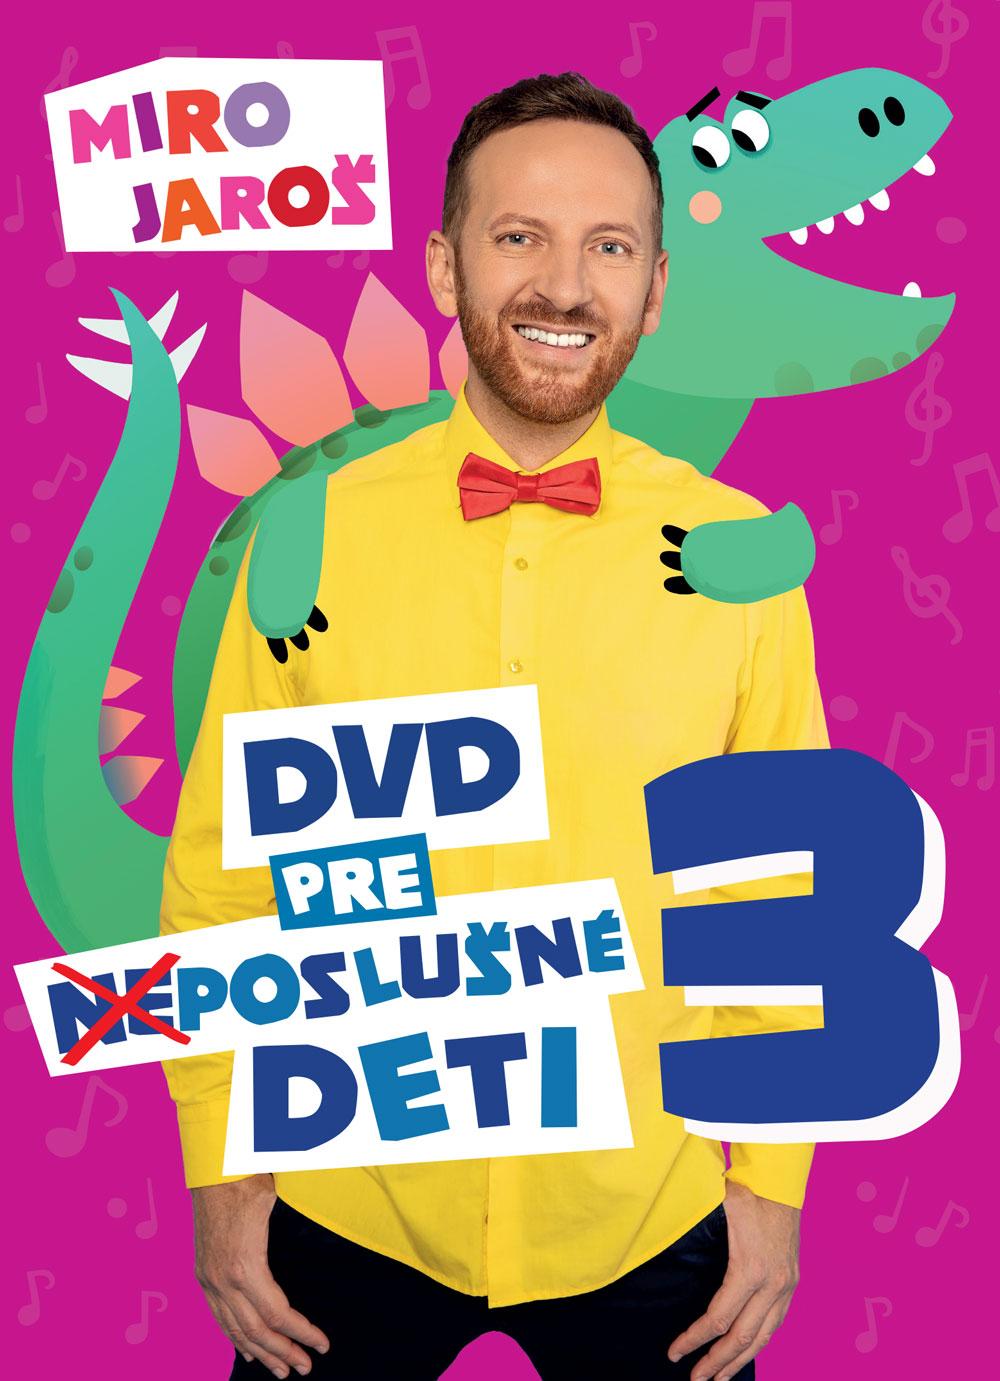 Miro Jaroš - DVD DVD pre (ne)poslušné deti 3